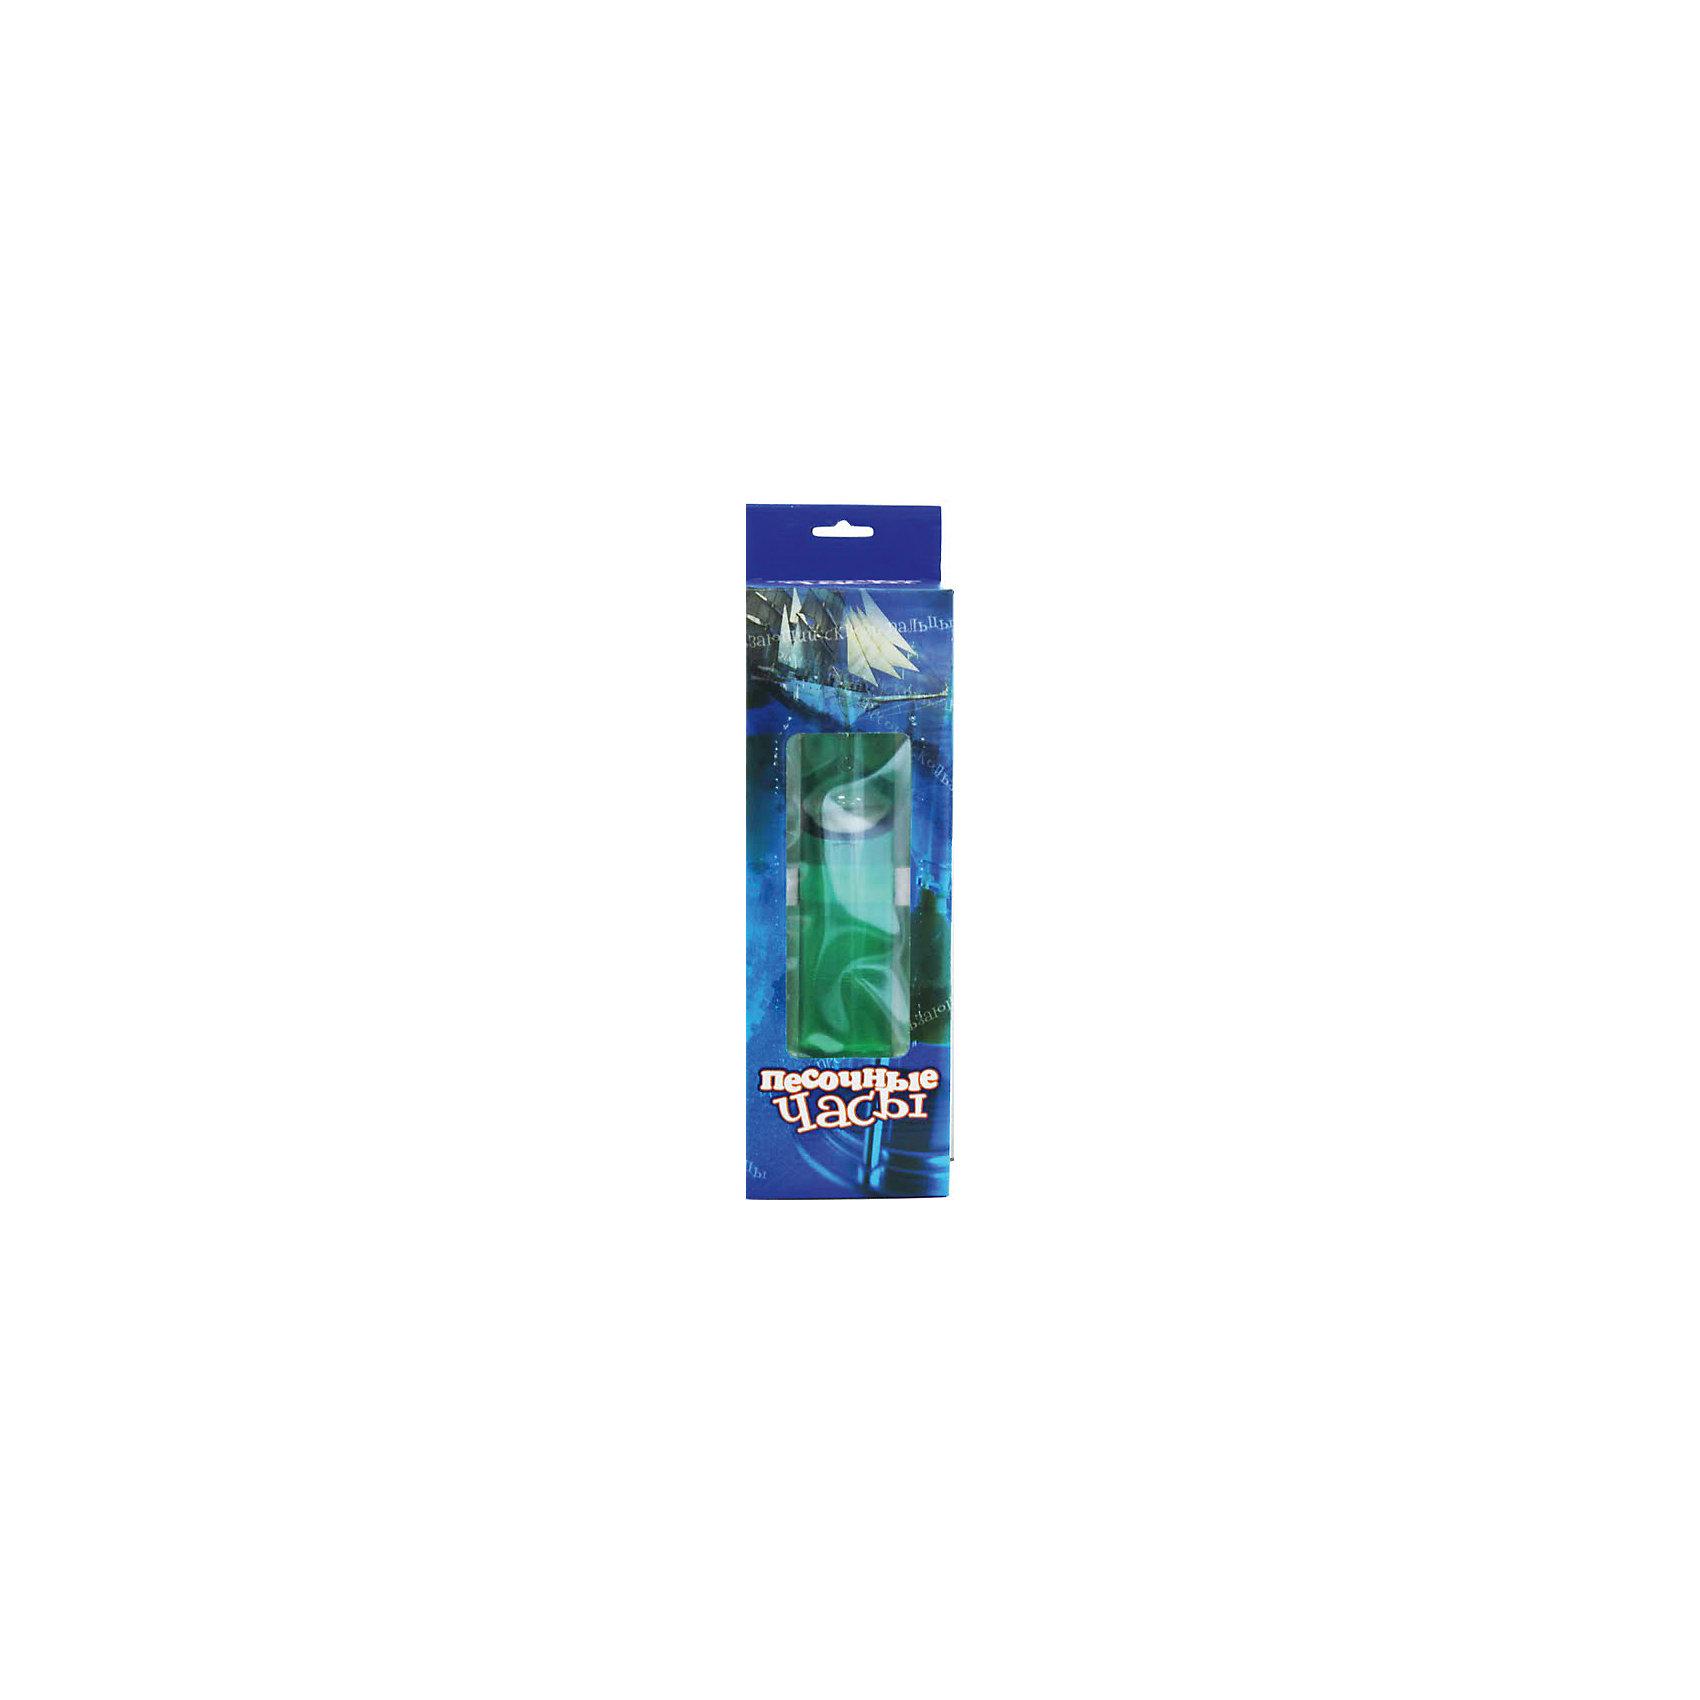 Песочные часы-жидкие, 3 мин, зеленыйЭксперименты и опыты<br>Характеристики:<br><br>• Материал: пластик, оргстекло<br>• Временной промежуток: 3 минуты<br>• Размеры упаковки (Д*Ш*В): 10,5*8,3*30 см<br>• Вес в упаковке: 506 г<br>• Особенности ухода: допускается сухая чистка<br><br>Корпус песочных часов выполнен из безопасного и ударопрочного оргстекла. Изделие имеет цилиндрическую форму, которая наполнена цветной жидкостью. Внутри корпуса имеется колба, наполненная песком.<br><br>Песочные часы-жидкие, 3 мин, зеленый можно купить в нашем интернет-магазине.<br><br>Ширина мм: 105<br>Глубина мм: 83<br>Высота мм: 300<br>Вес г: 506<br>Возраст от месяцев: 36<br>Возраст до месяцев: 108<br>Пол: Унисекс<br>Возраст: Детский<br>SKU: 5124749